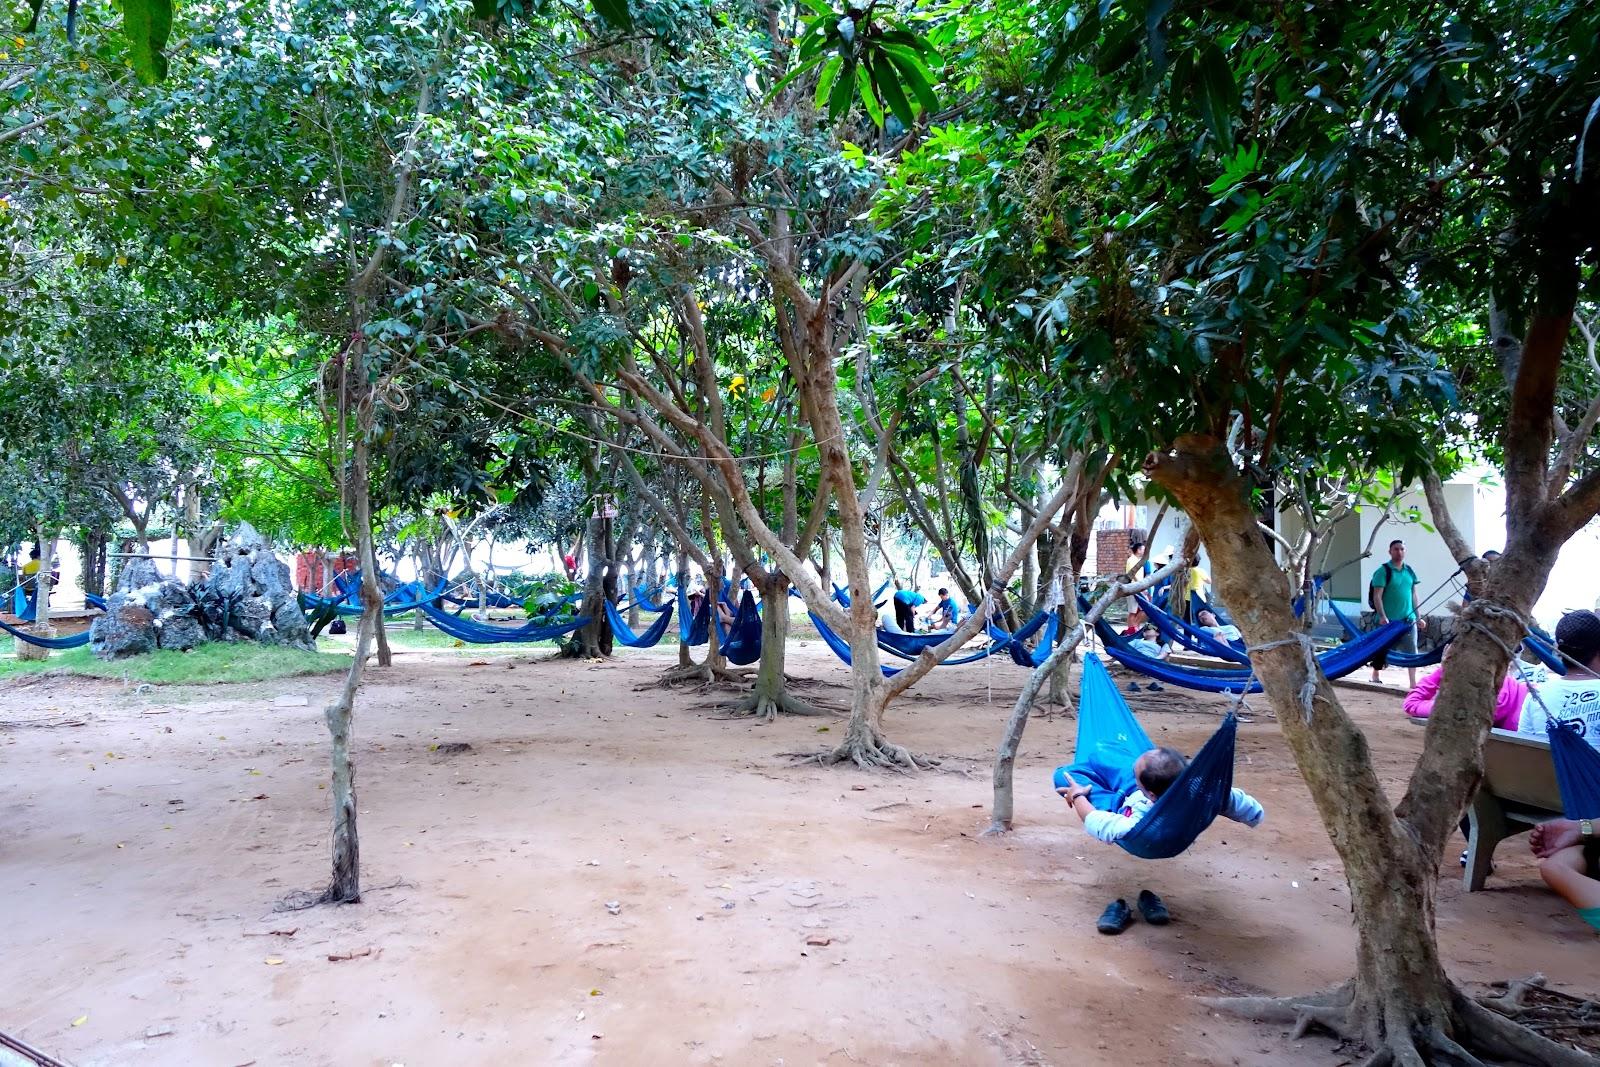 Hammock Napping in Mekong Delta Vietnam 2015